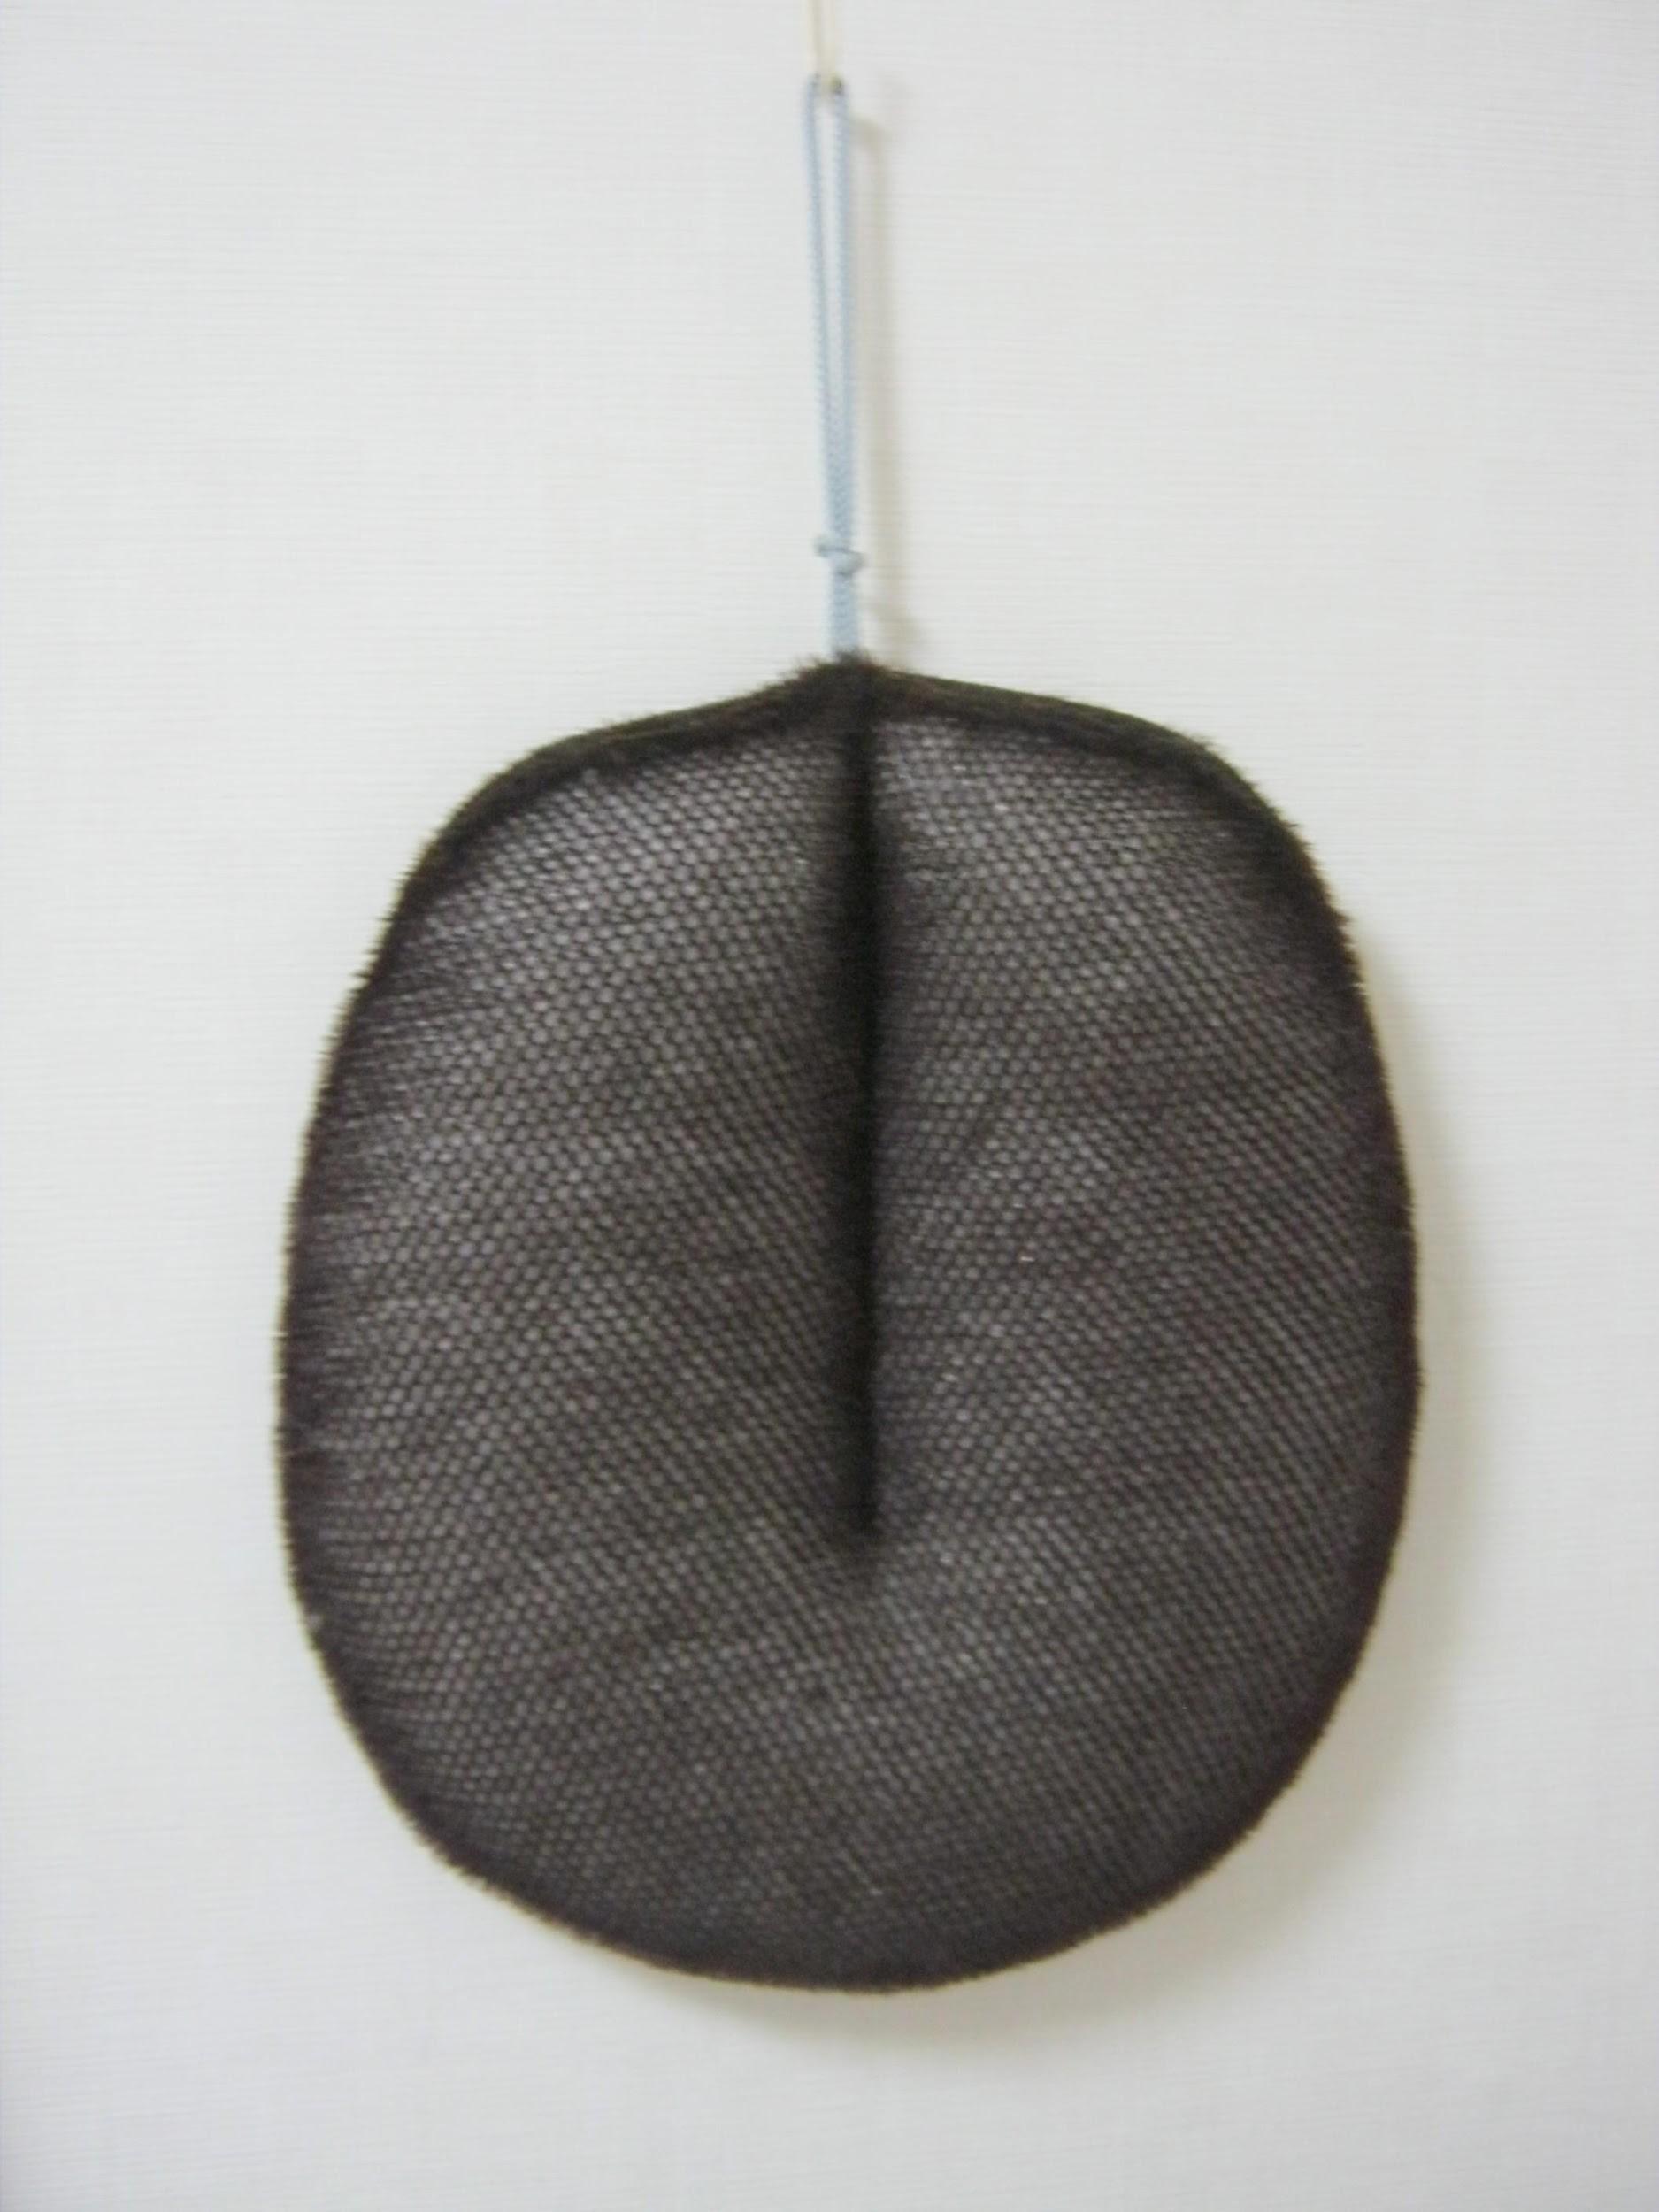 【睡眠用たわしのスゴイところ】丸洗いできるエア透過素材の注目機能